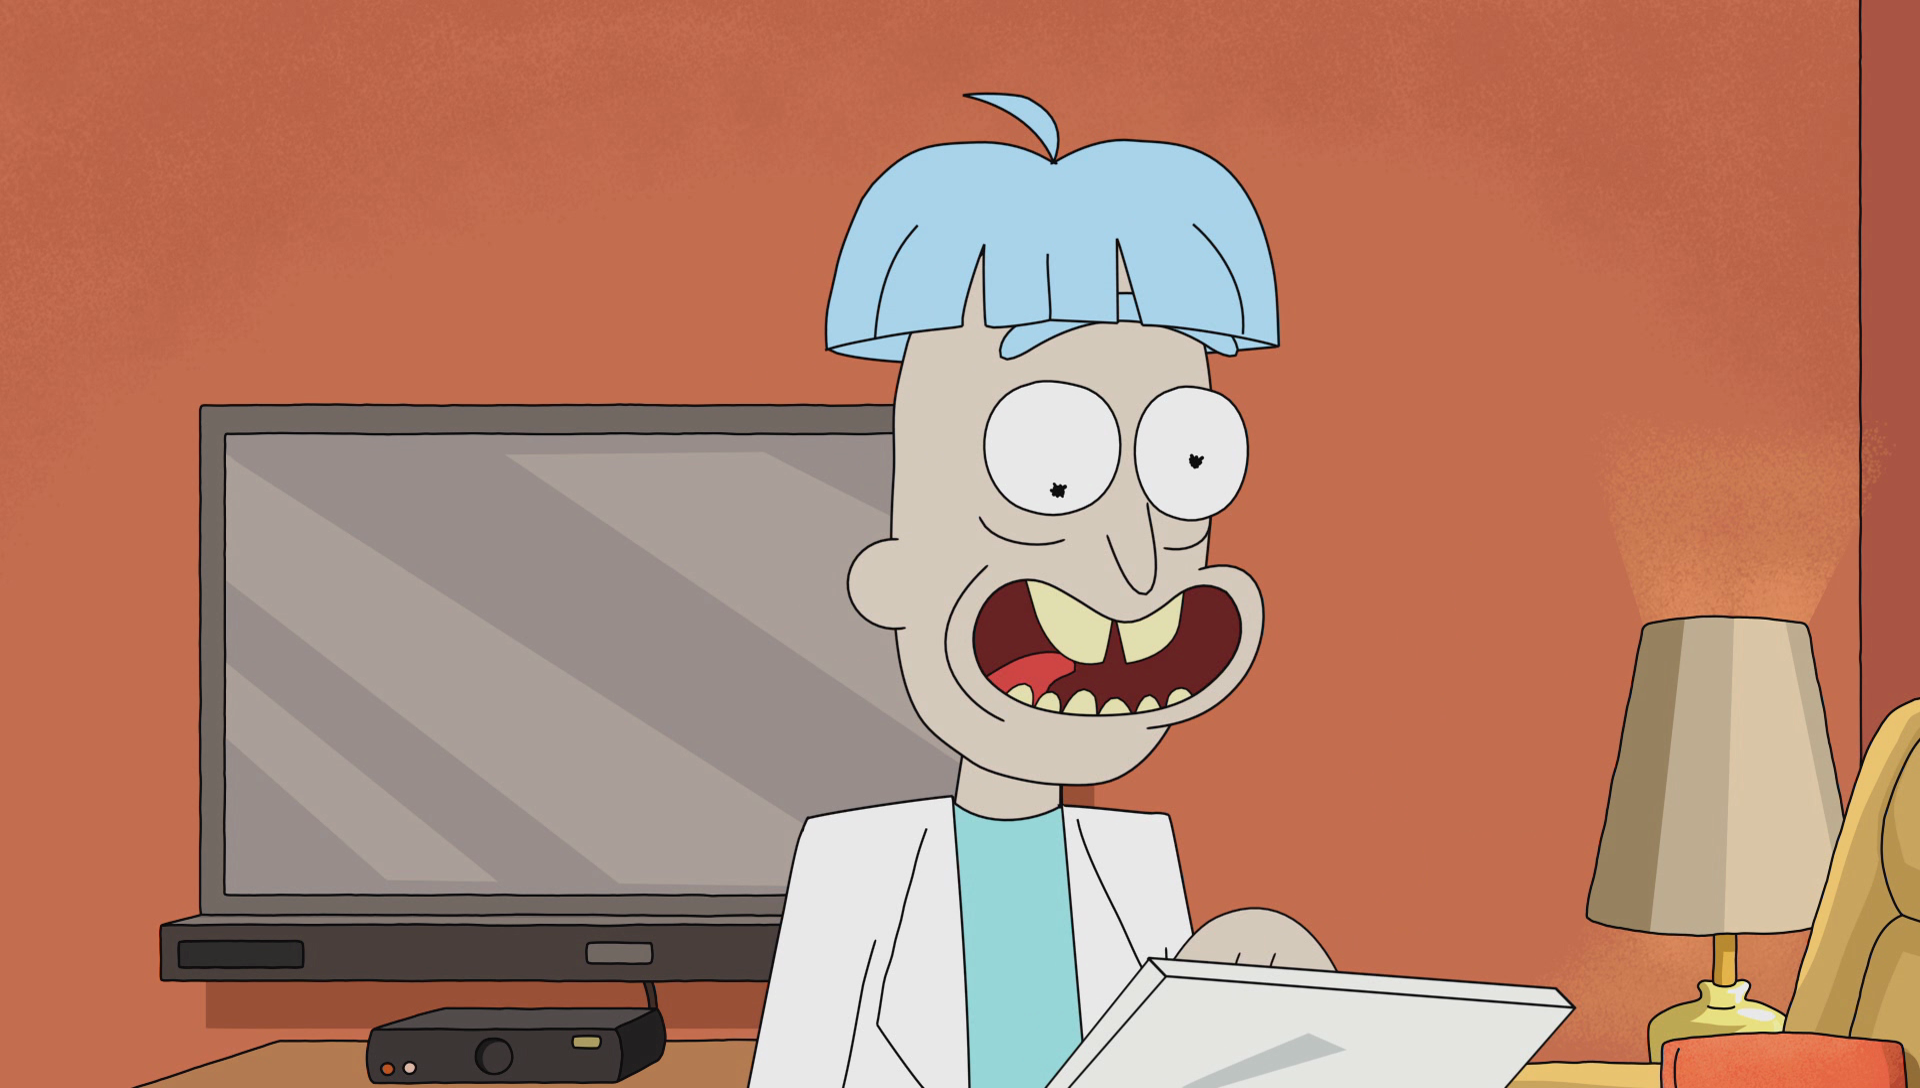 Doofus Rick